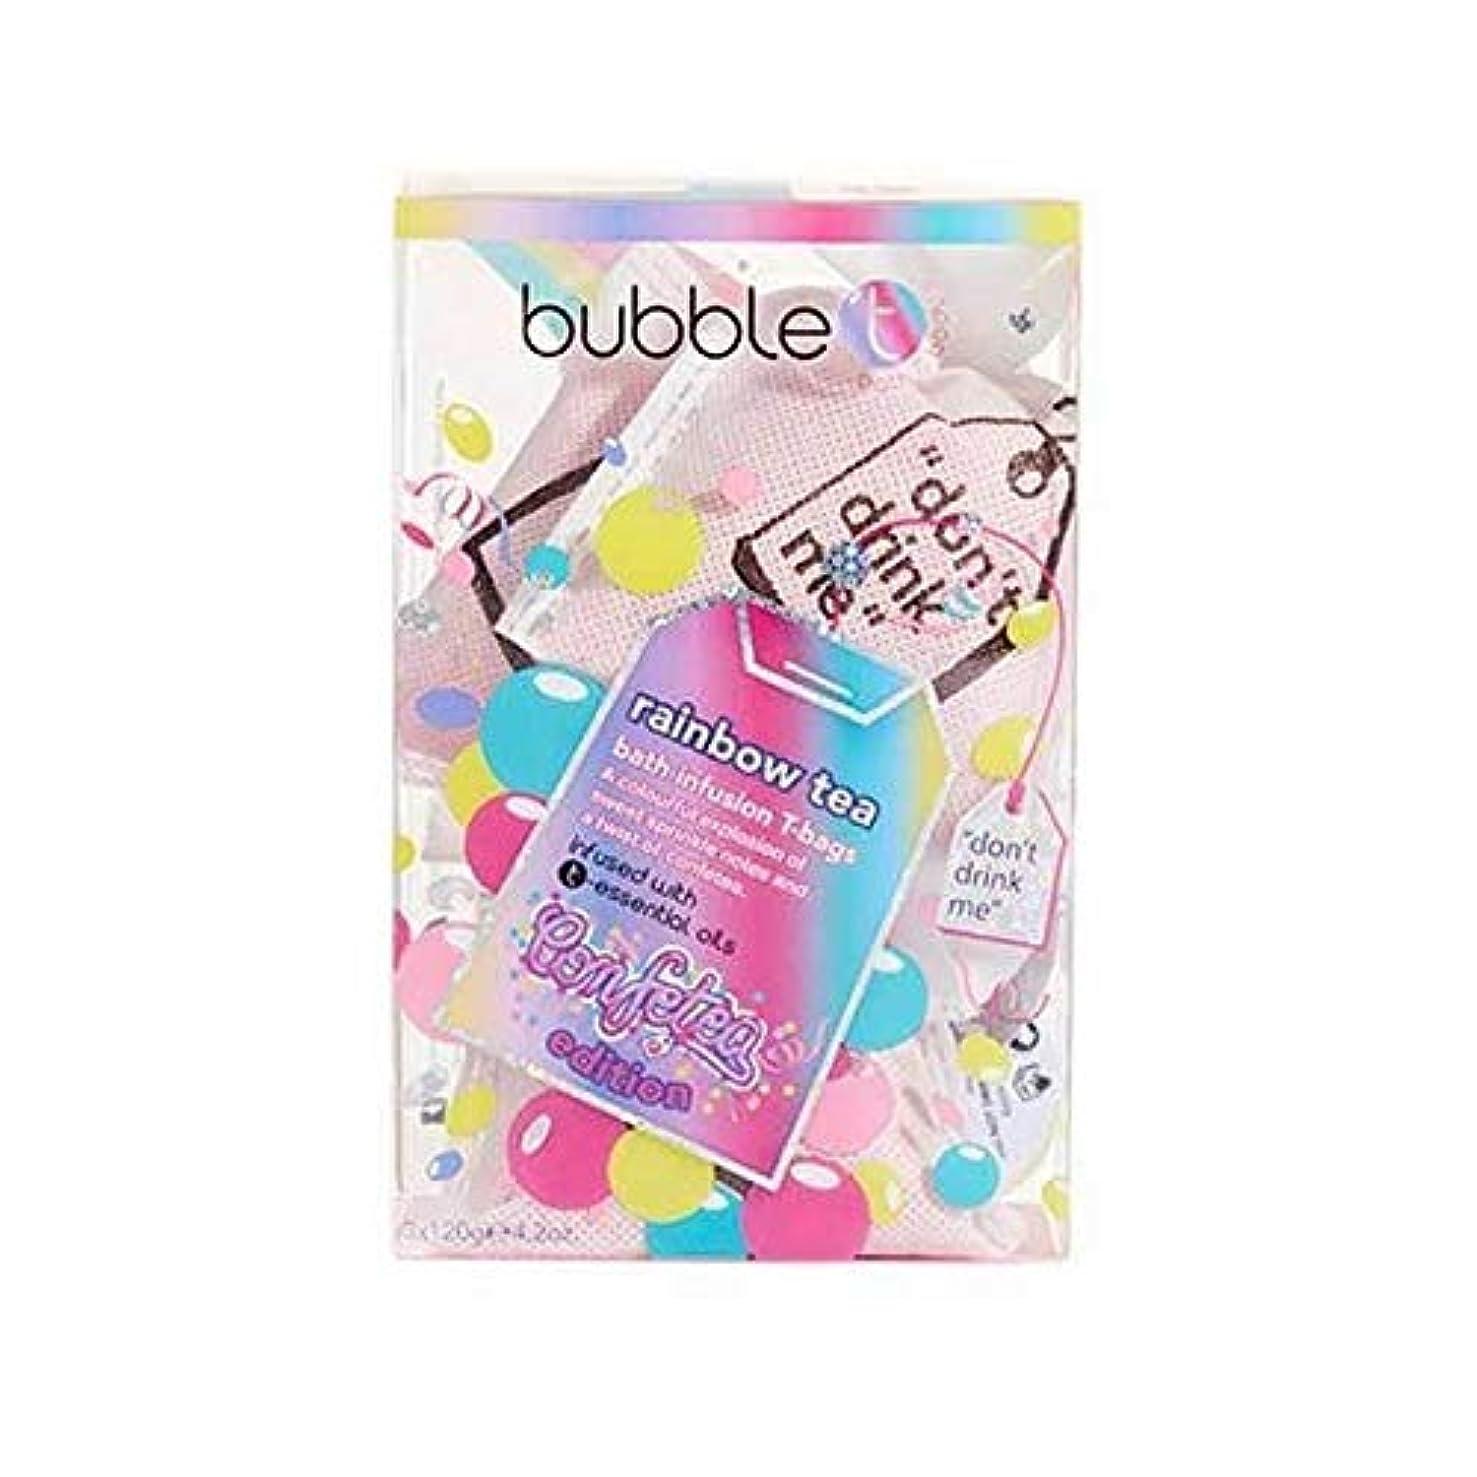 因子引用サンダース[Bubble T ] バブルトンの化粧品 - 入浴輸液ティーバッグ虹のお茶 - Bubble T Cosmetics - Bath infusion tea bags Rainbow tea [並行輸入品]